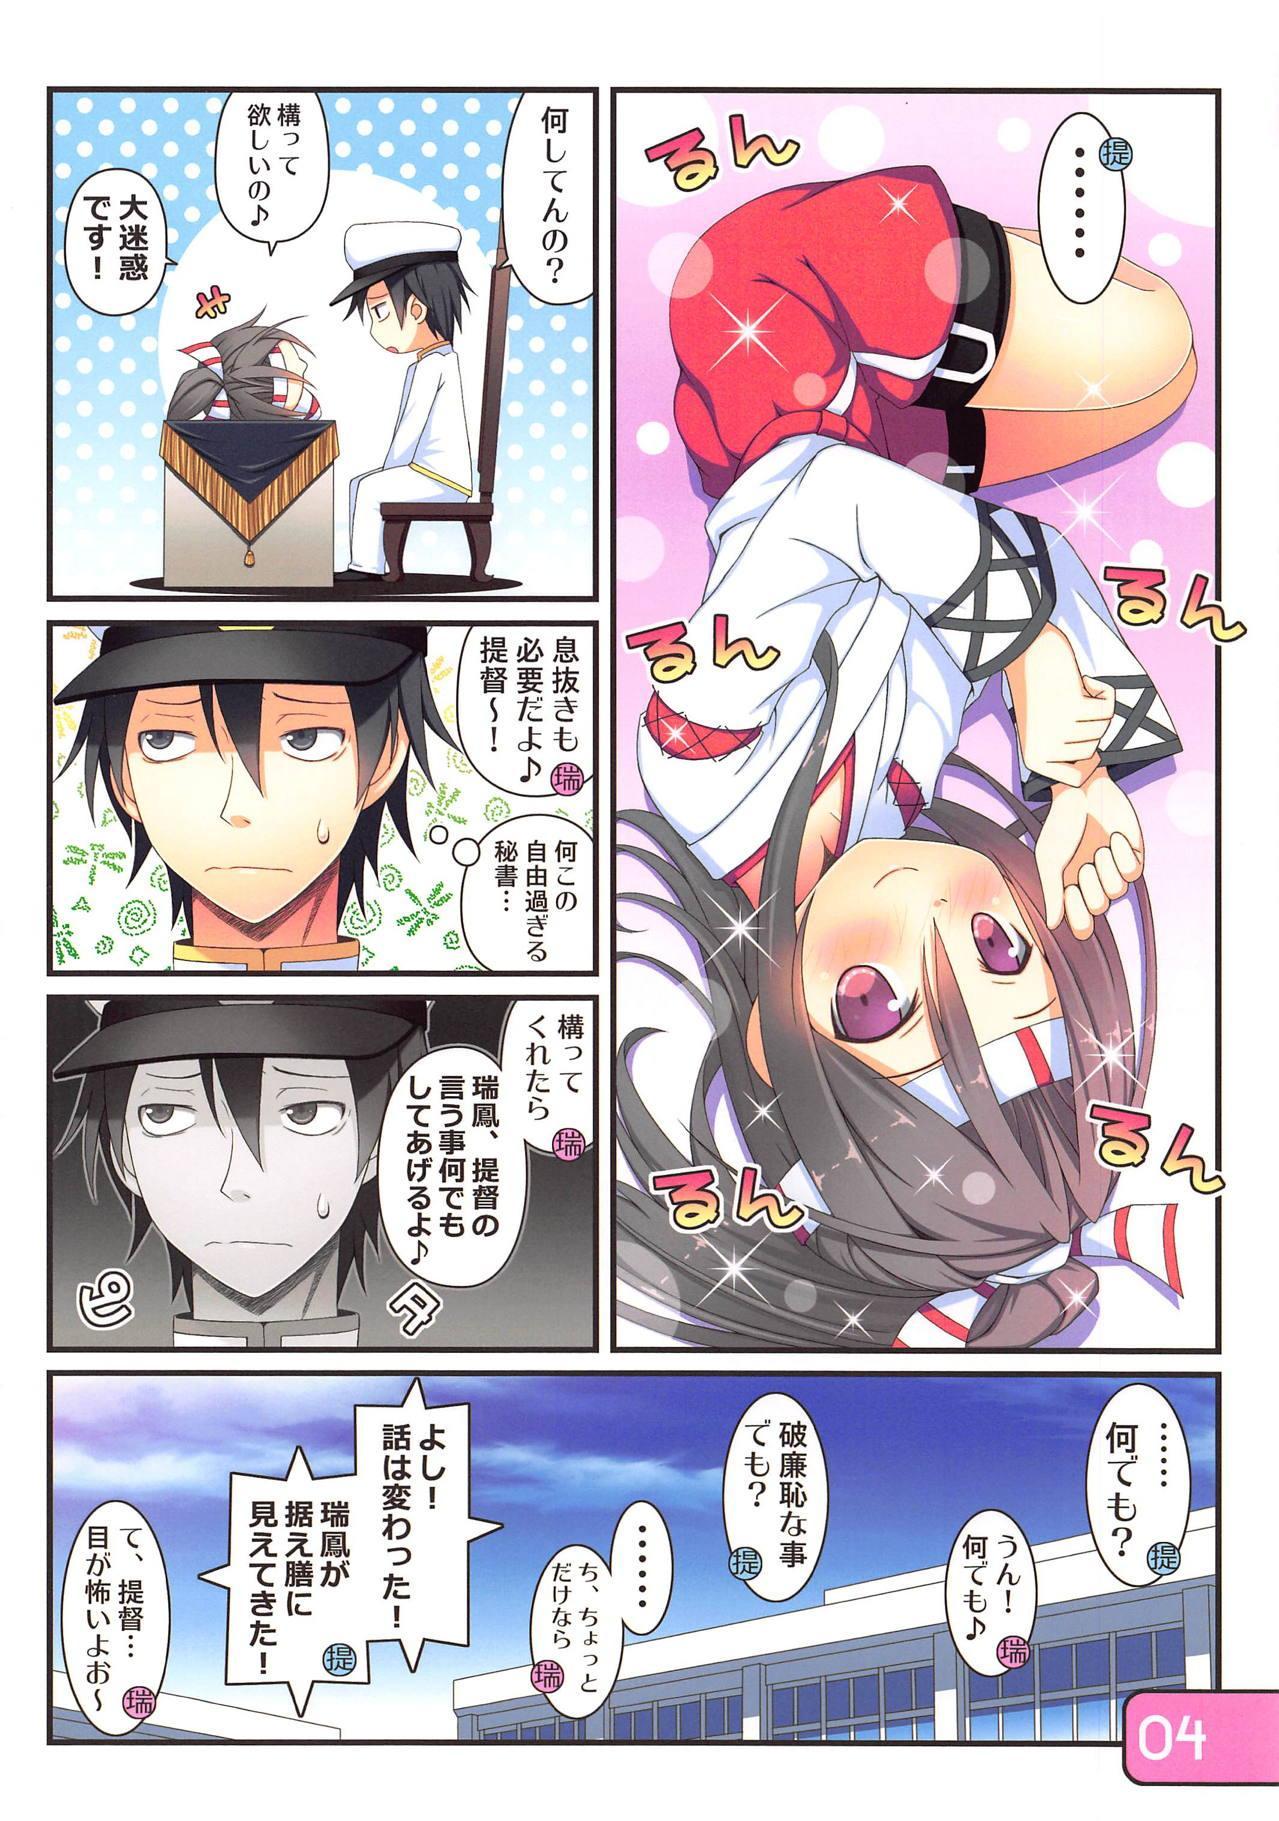 IRIS24 Teitoku no Iu Koto Zenbu Shite Ageru! 3